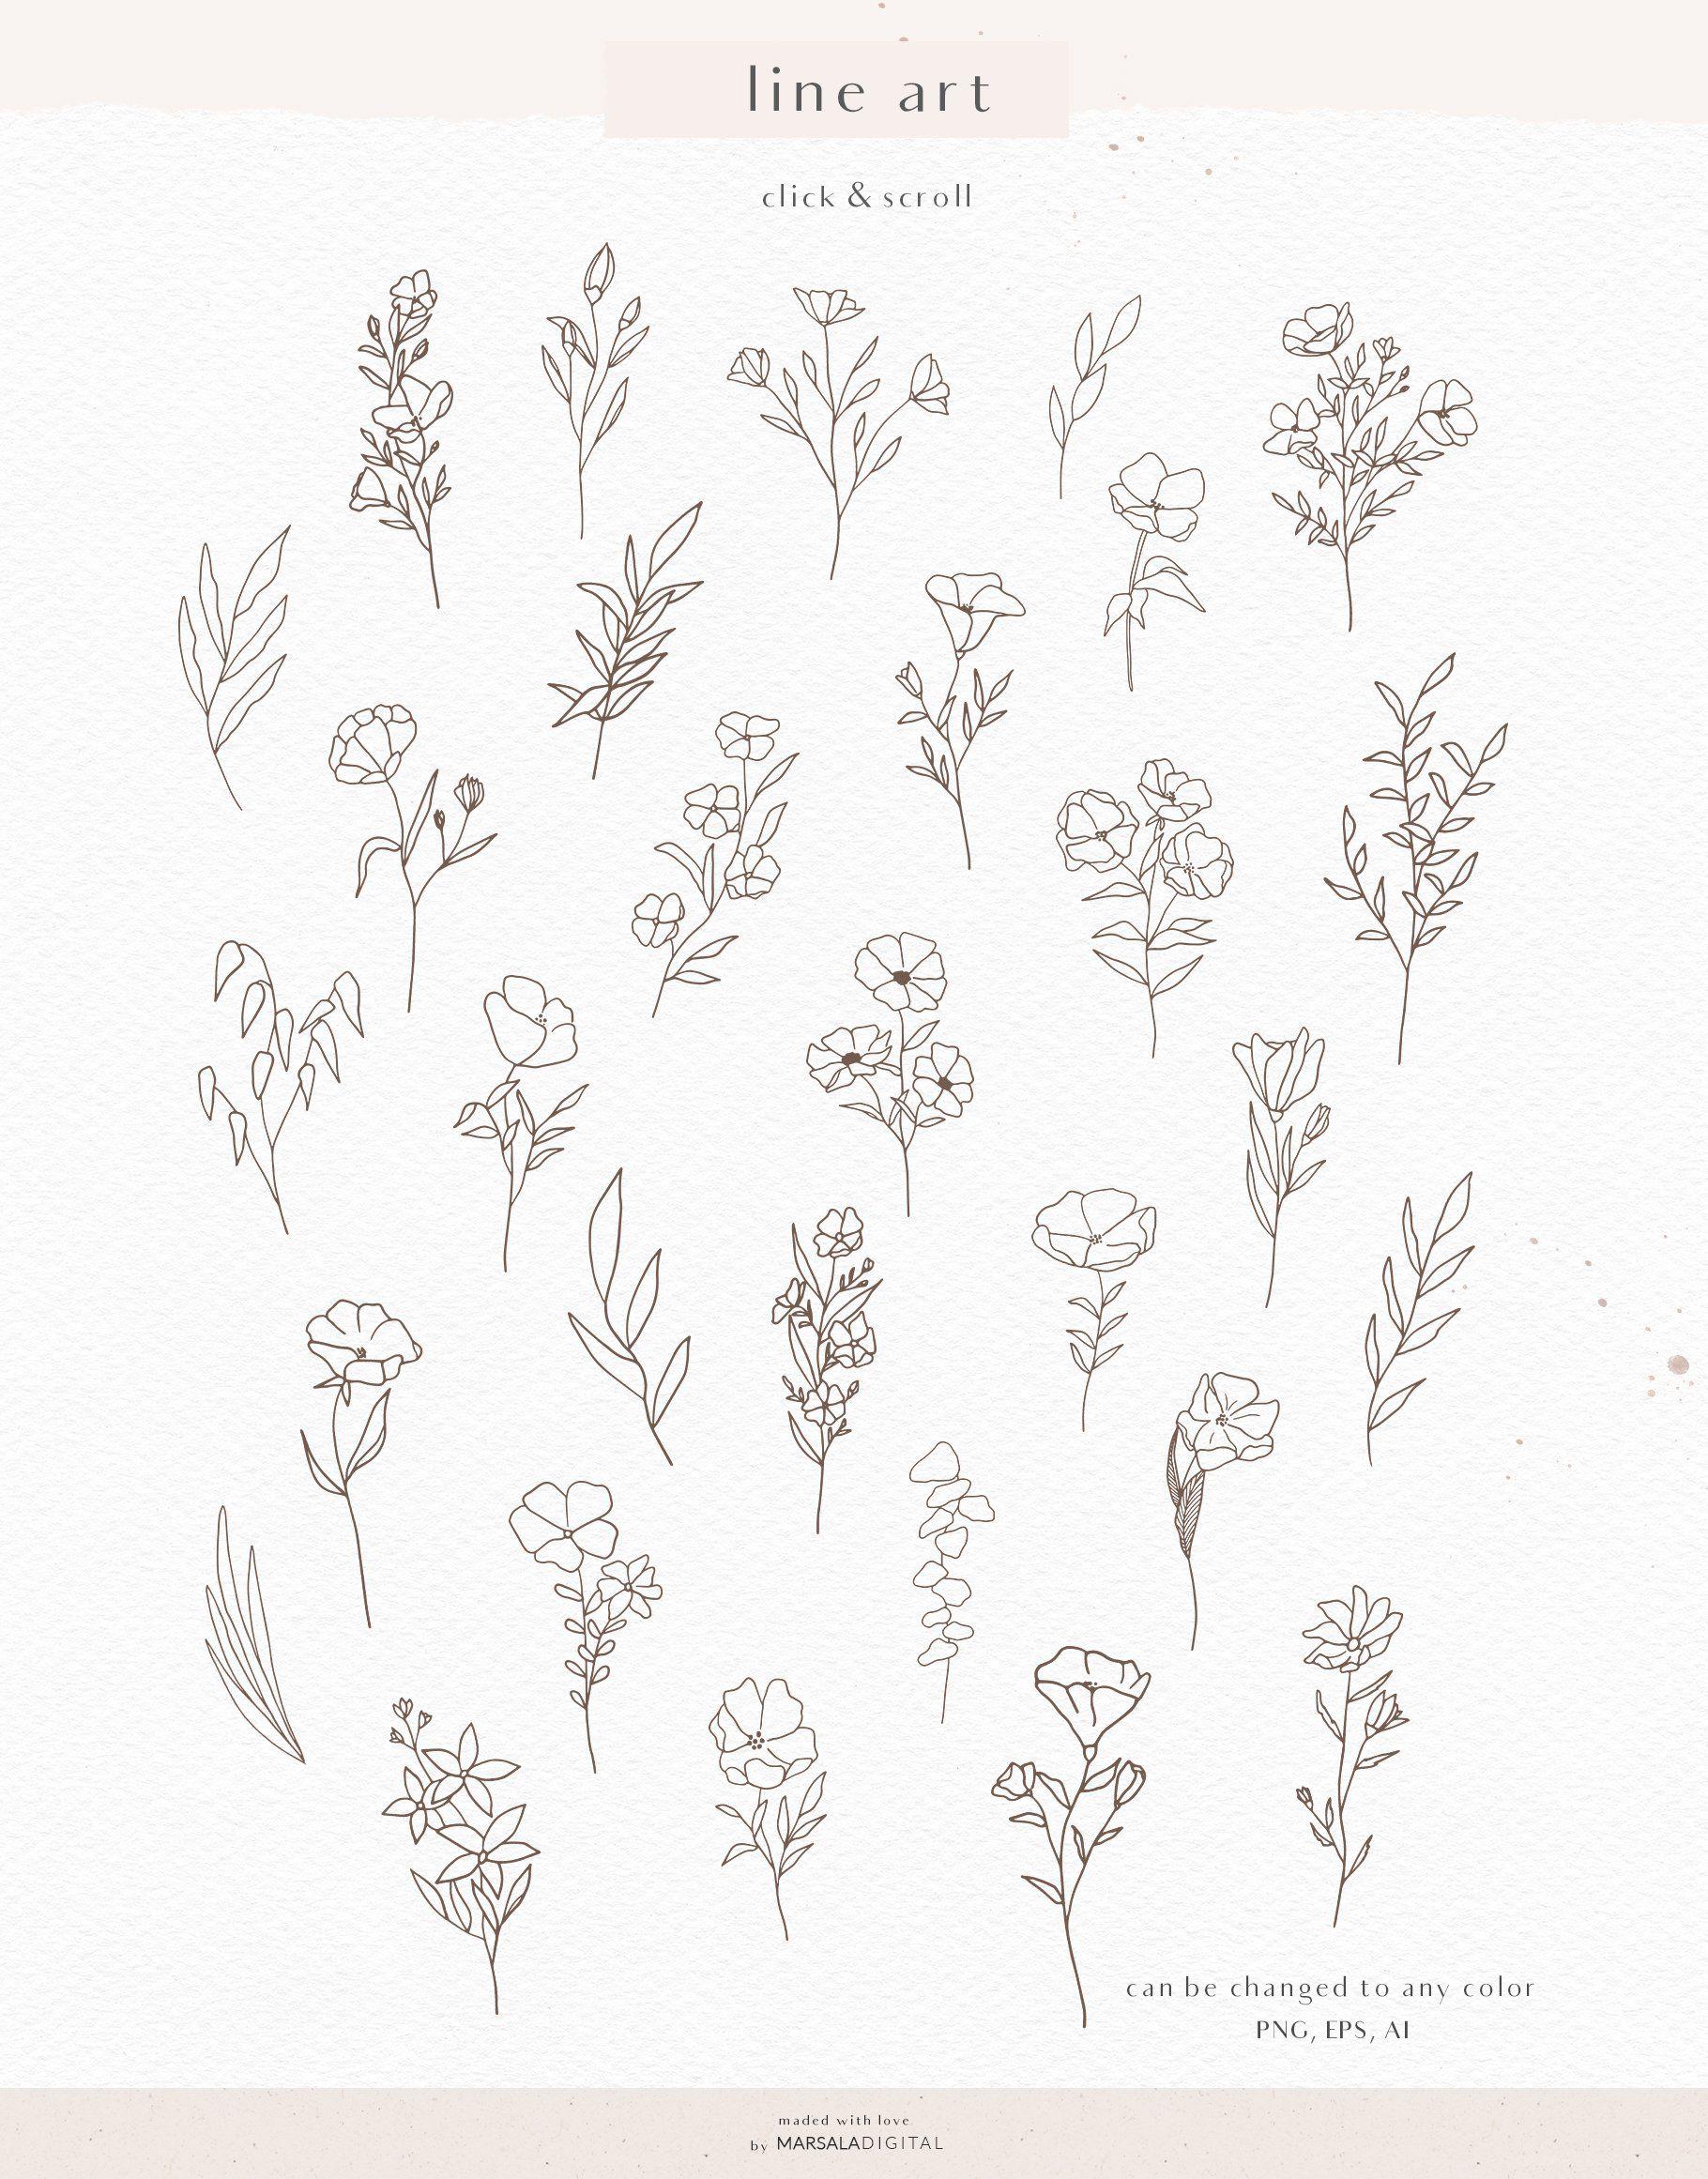 Watercolor & Pencil Sketch Florals